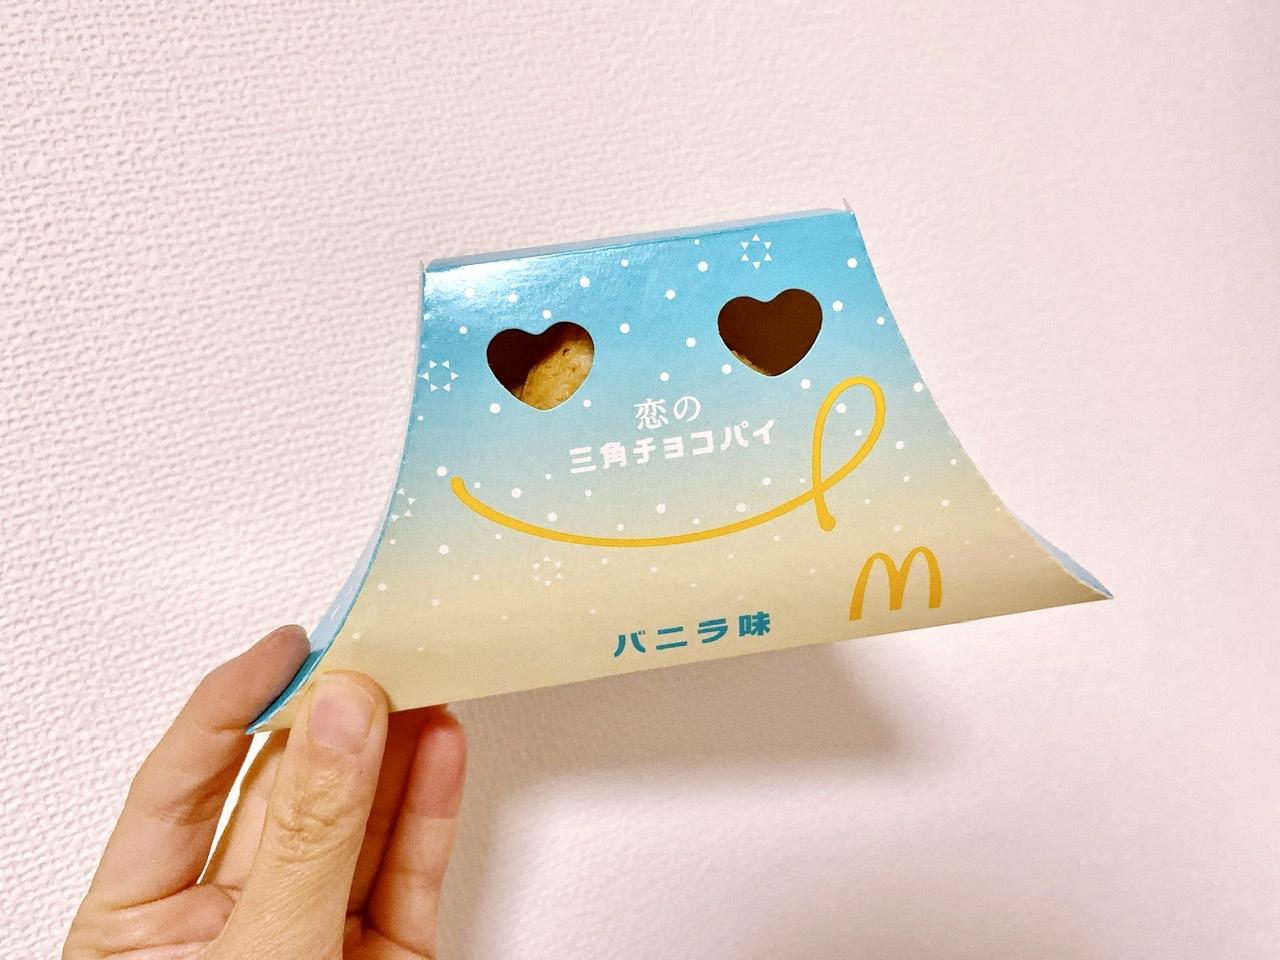 【マクドナルド】恋のおみくじ付き♡《恋の三角チョコパイ バニラ味》が新登場★_1